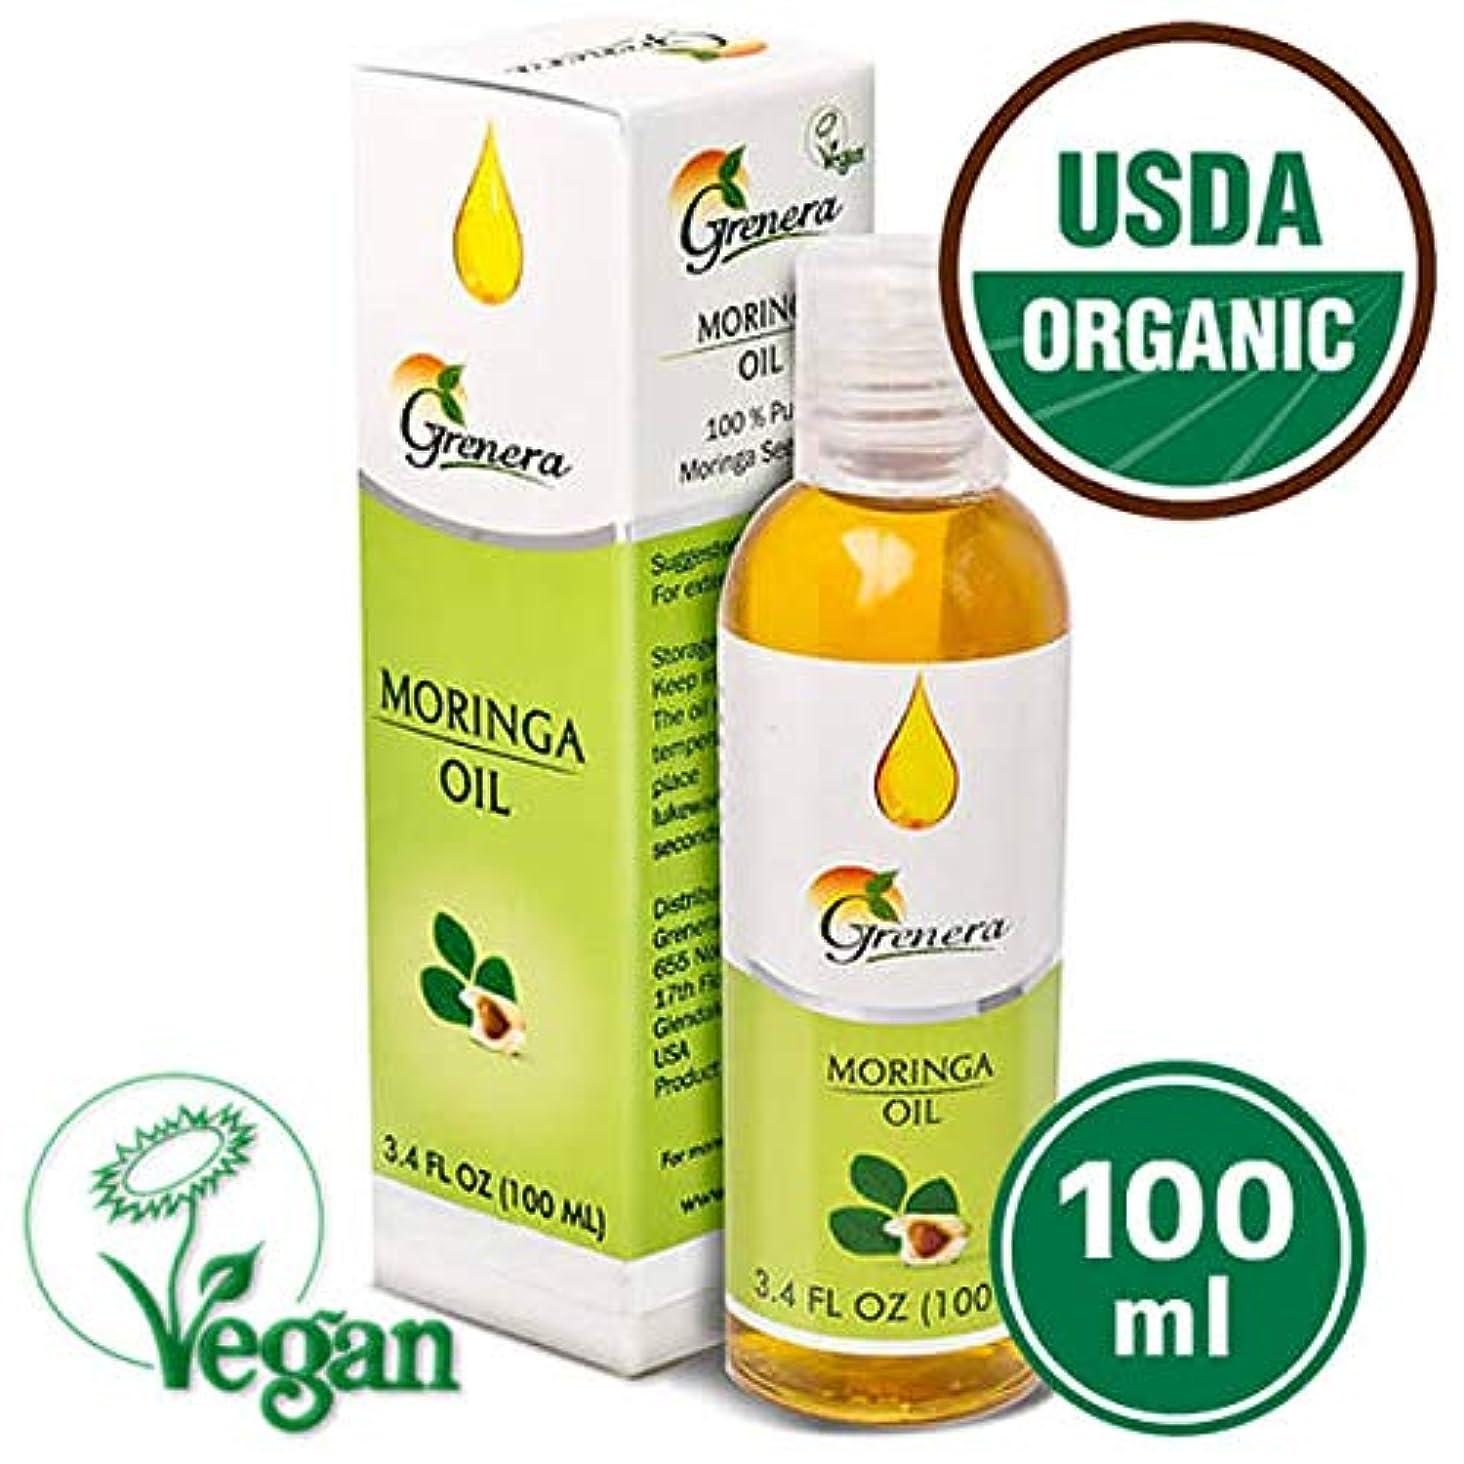 拮抗ペスト師匠grenera 最高品質 オーガニック モリンガオイル 100% 100ml USDA認証 無希釈 コールドプレス 化学溶剤不使用